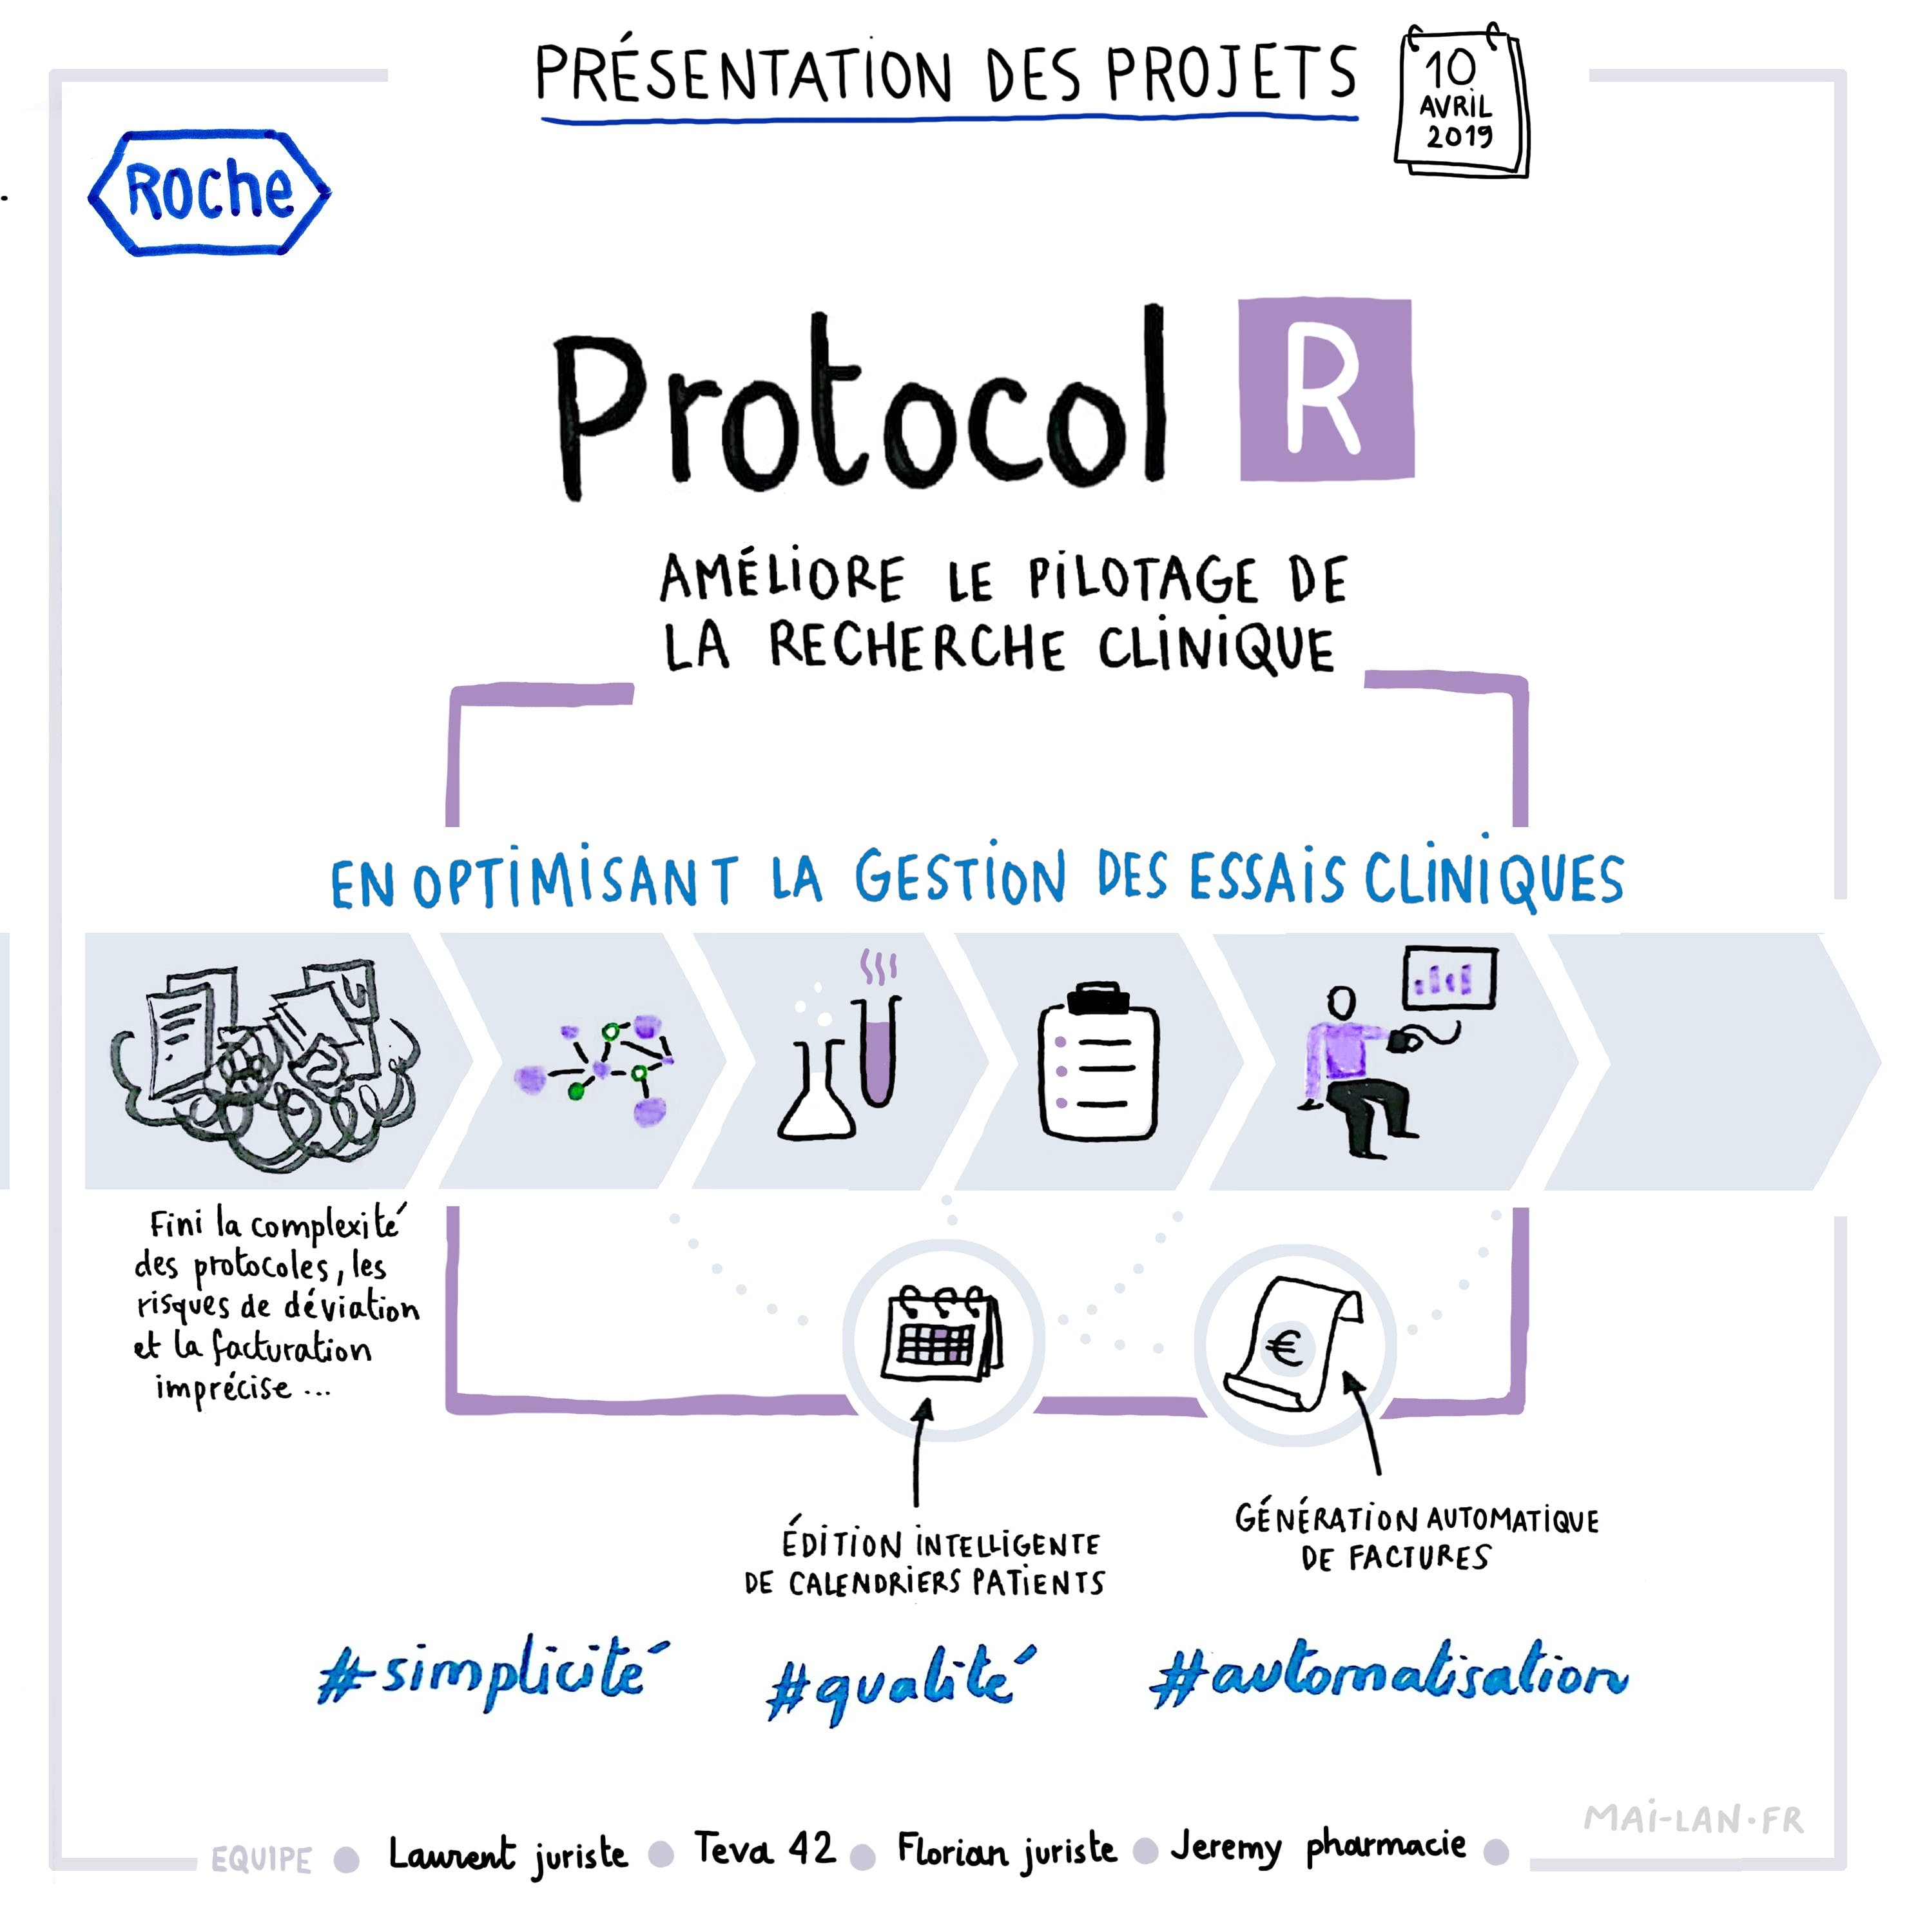 ProtocolR pilotage recherche clinique